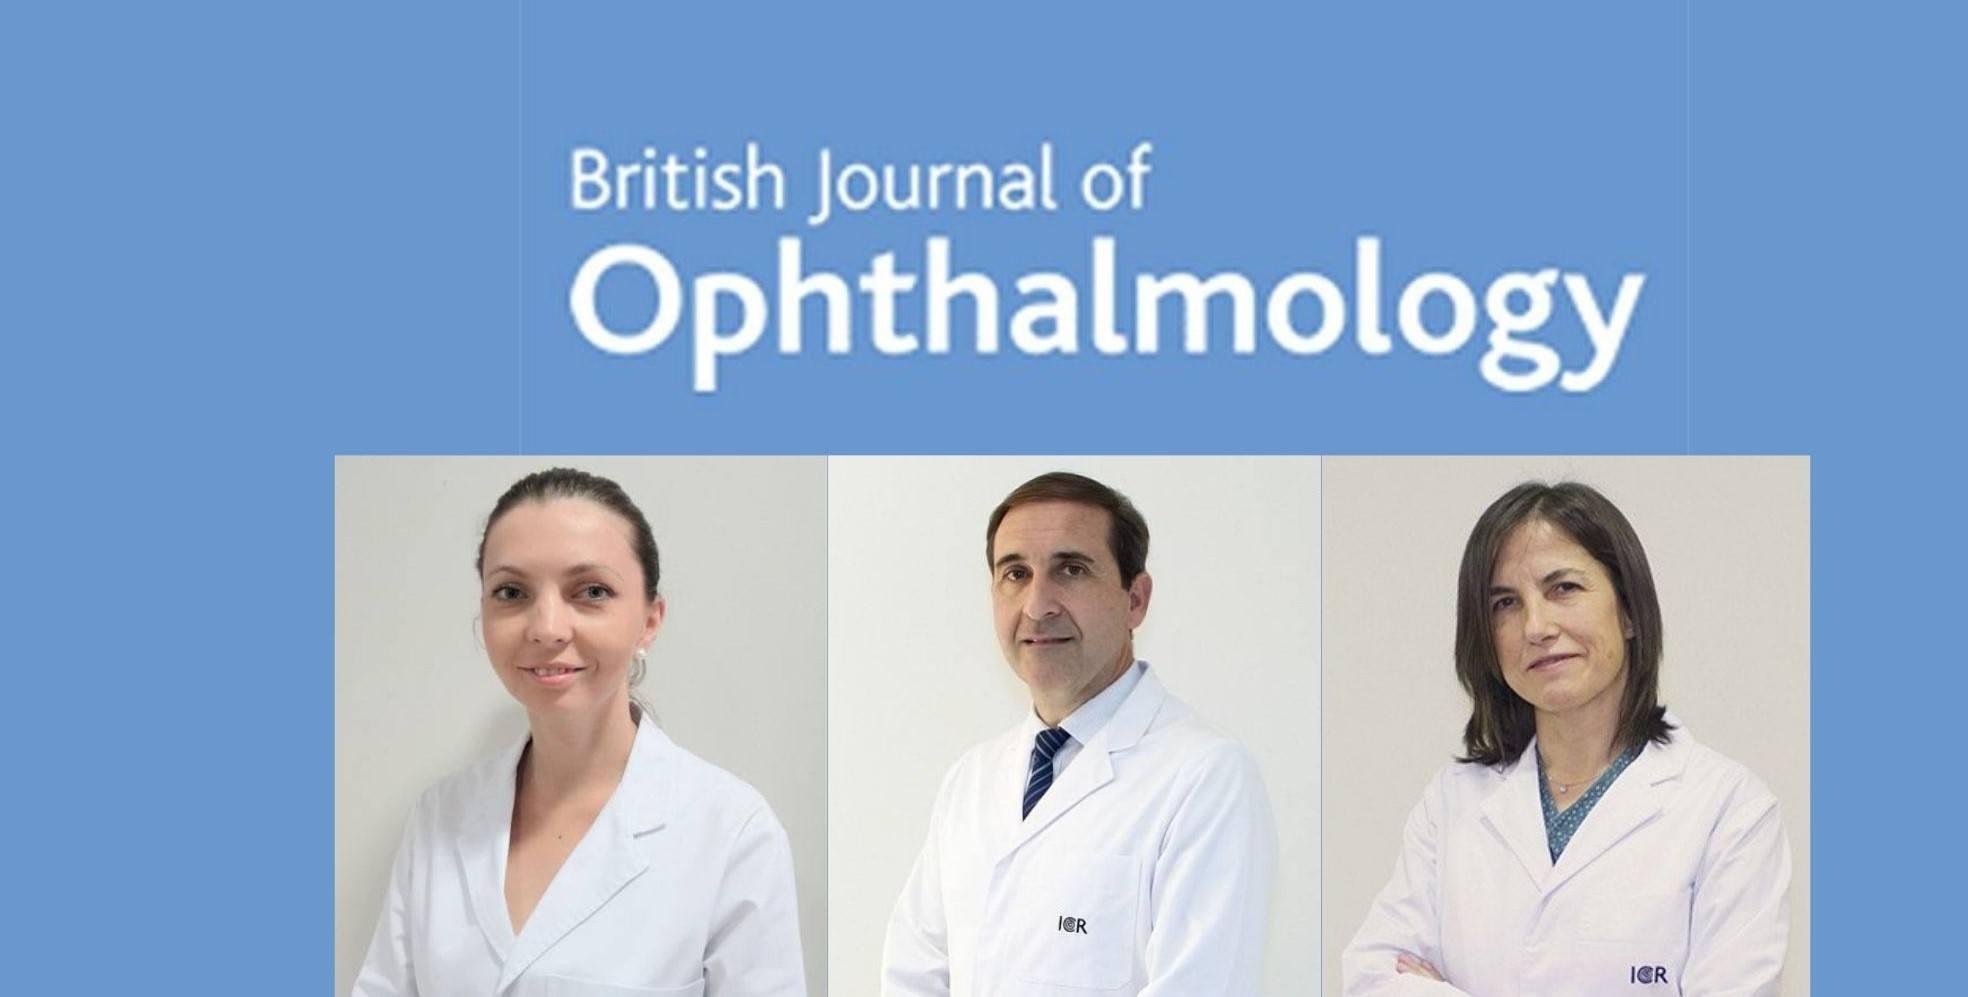 La Dra. Dyrda, la Dra. Gómez i el Dr. Antón publiquen un estudi per a ajudar a la detecció precoç de glaucoma